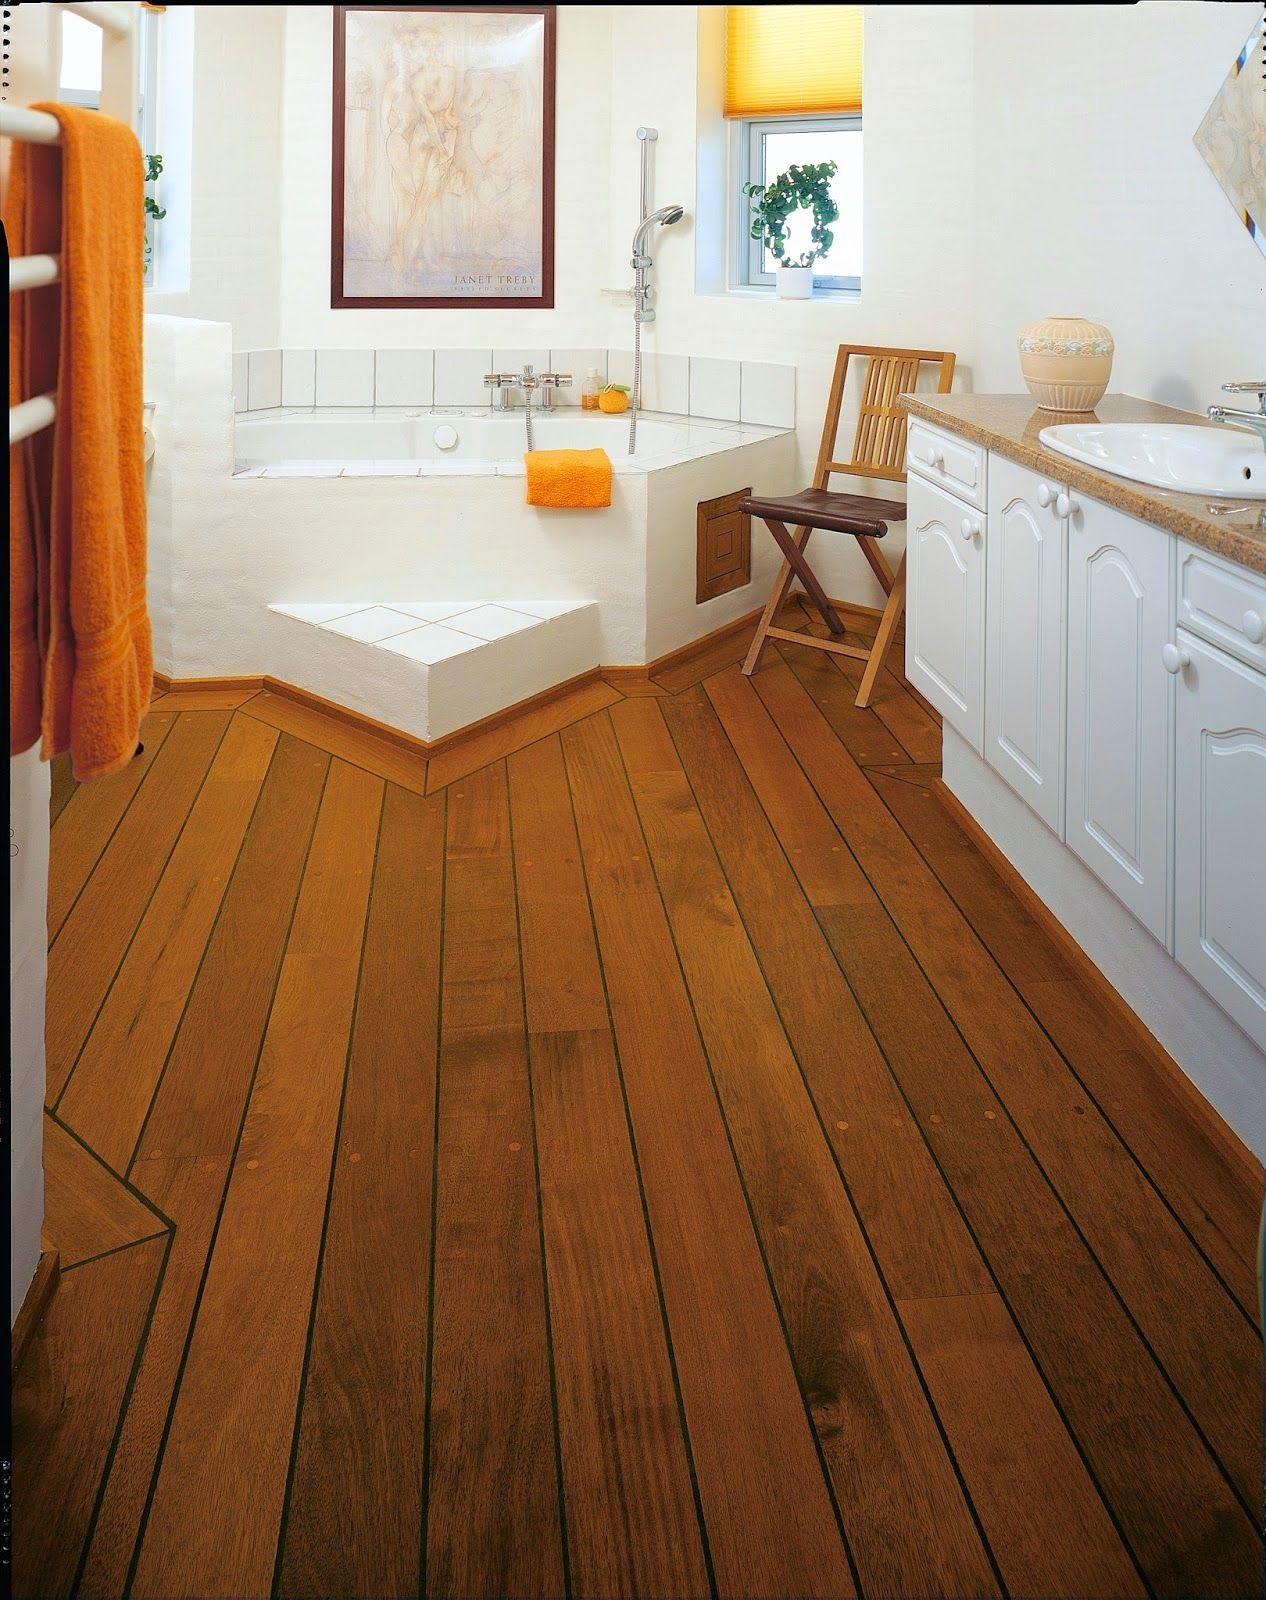 Holzboden Dielen berliner diele holz natürlich pflegen holzböden